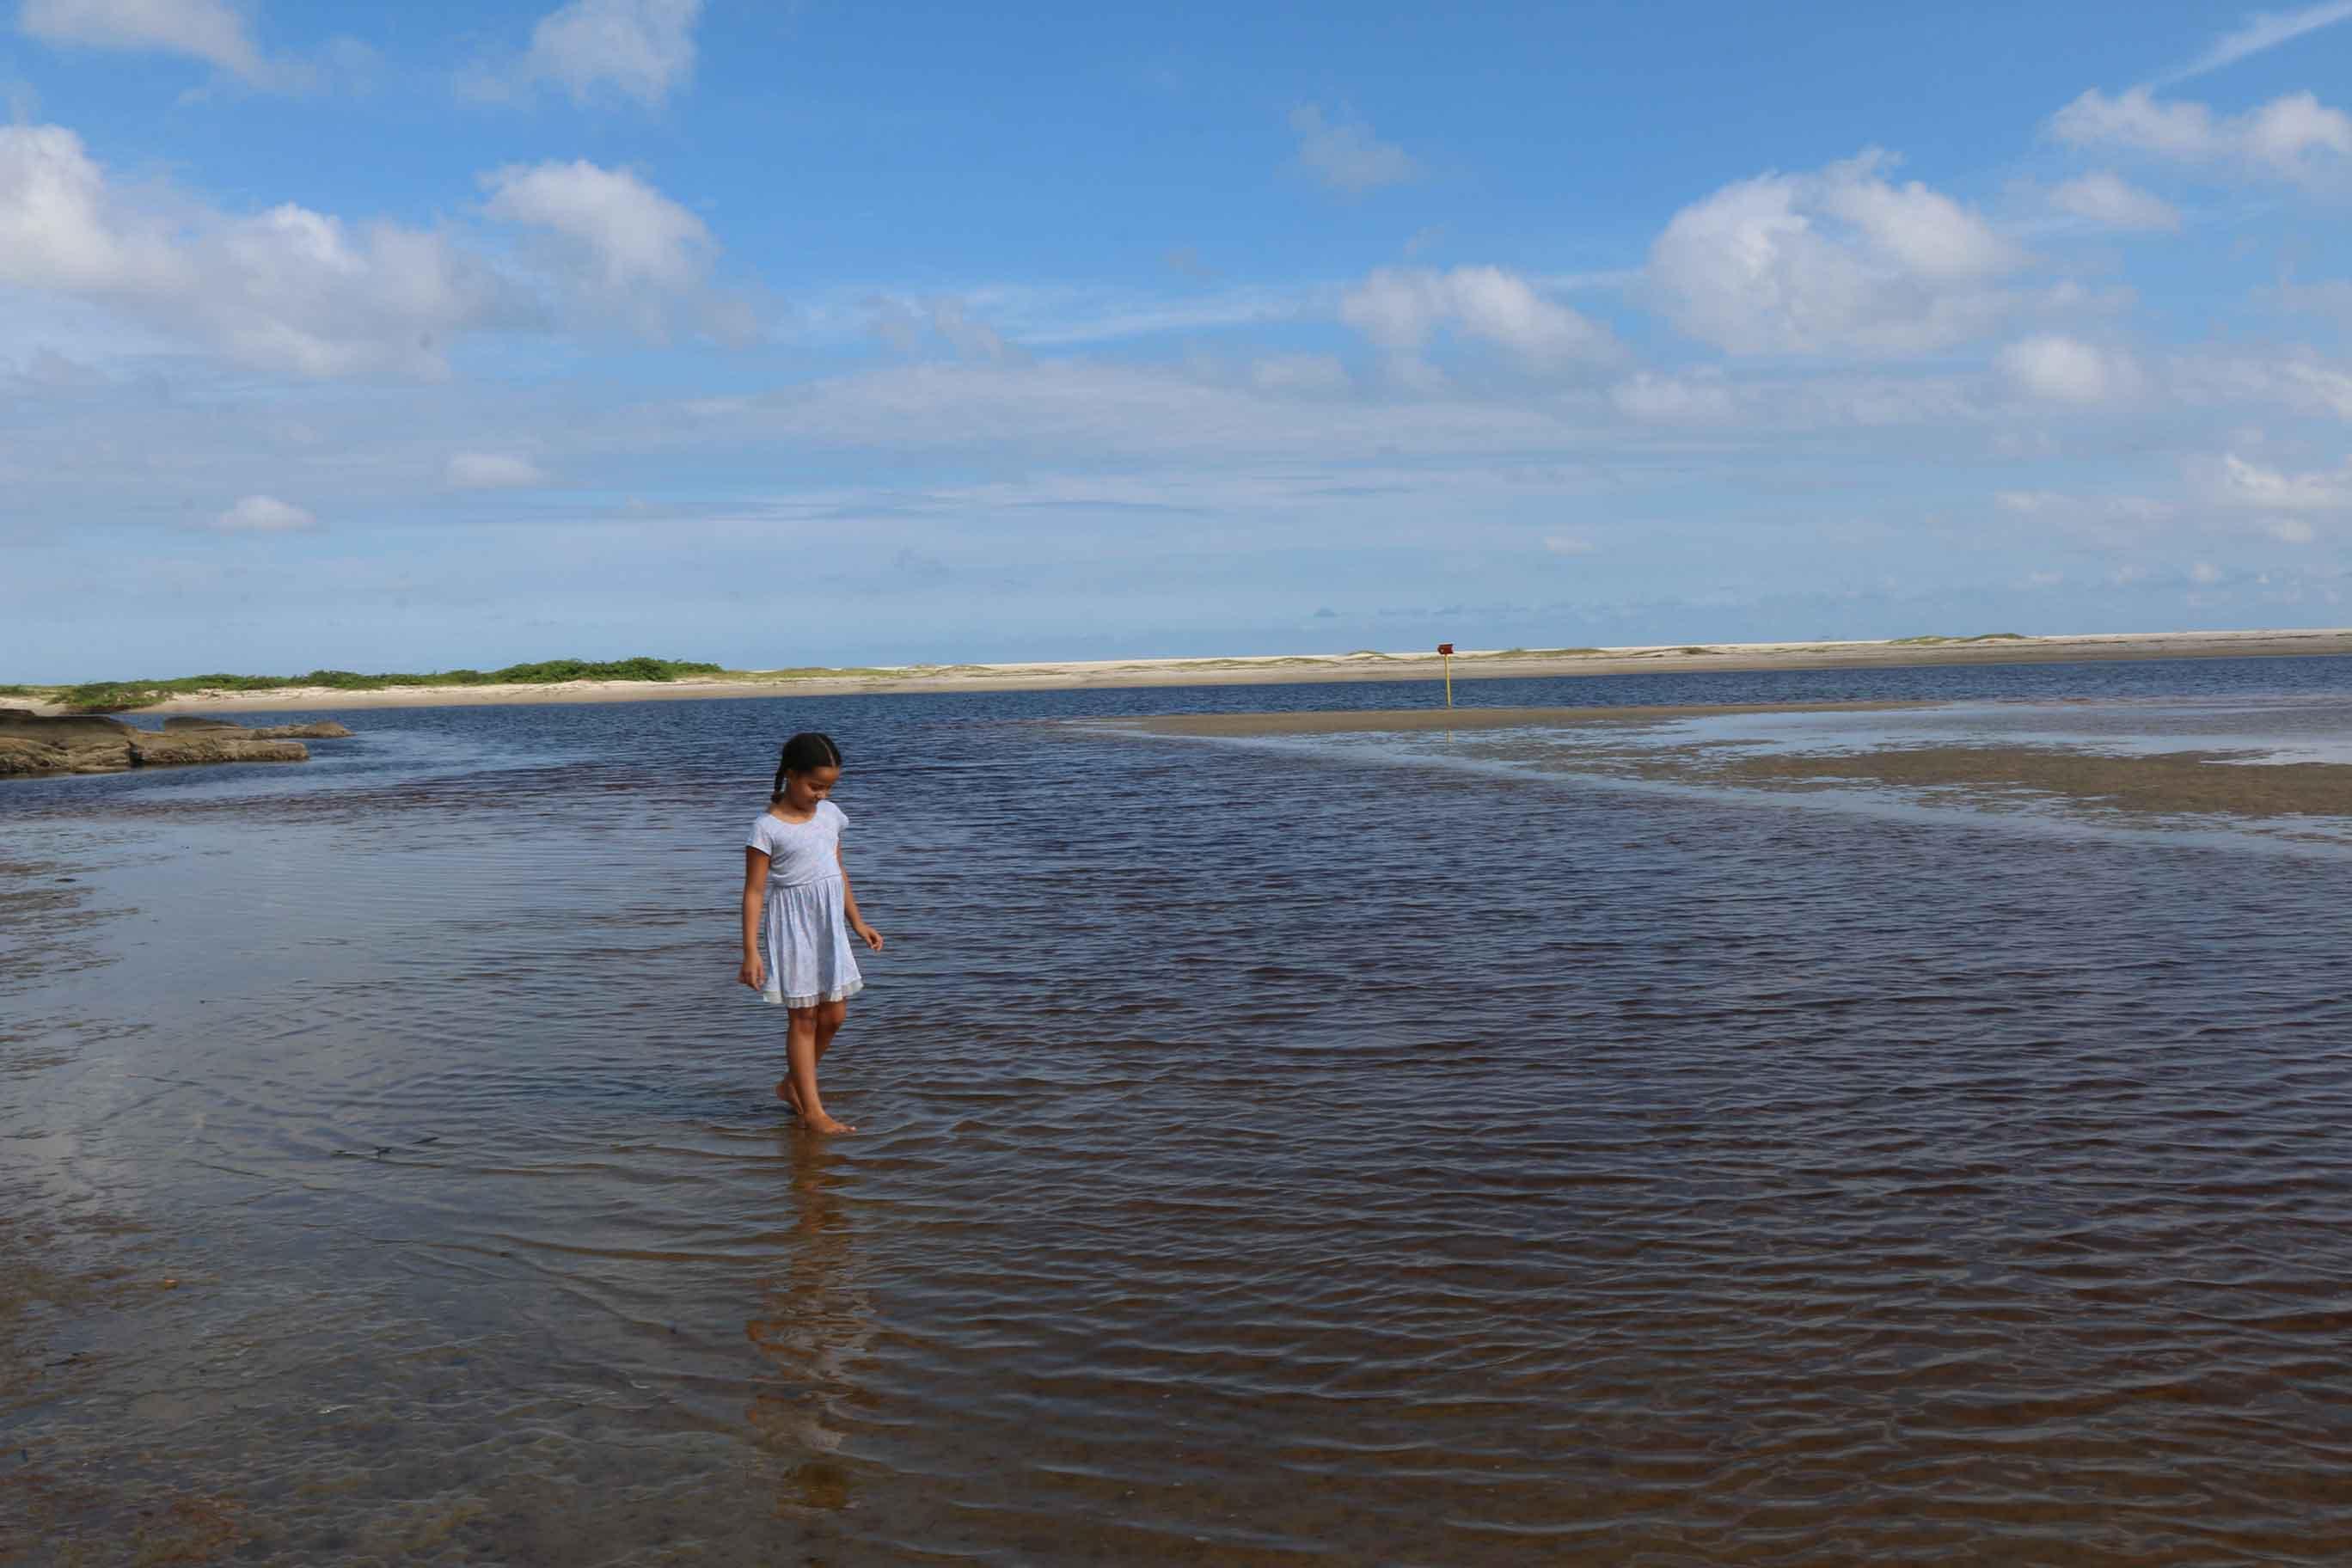 Marcio-Masulino-Bertioga-Praia-do-Itaguare-IMG_8101-bx